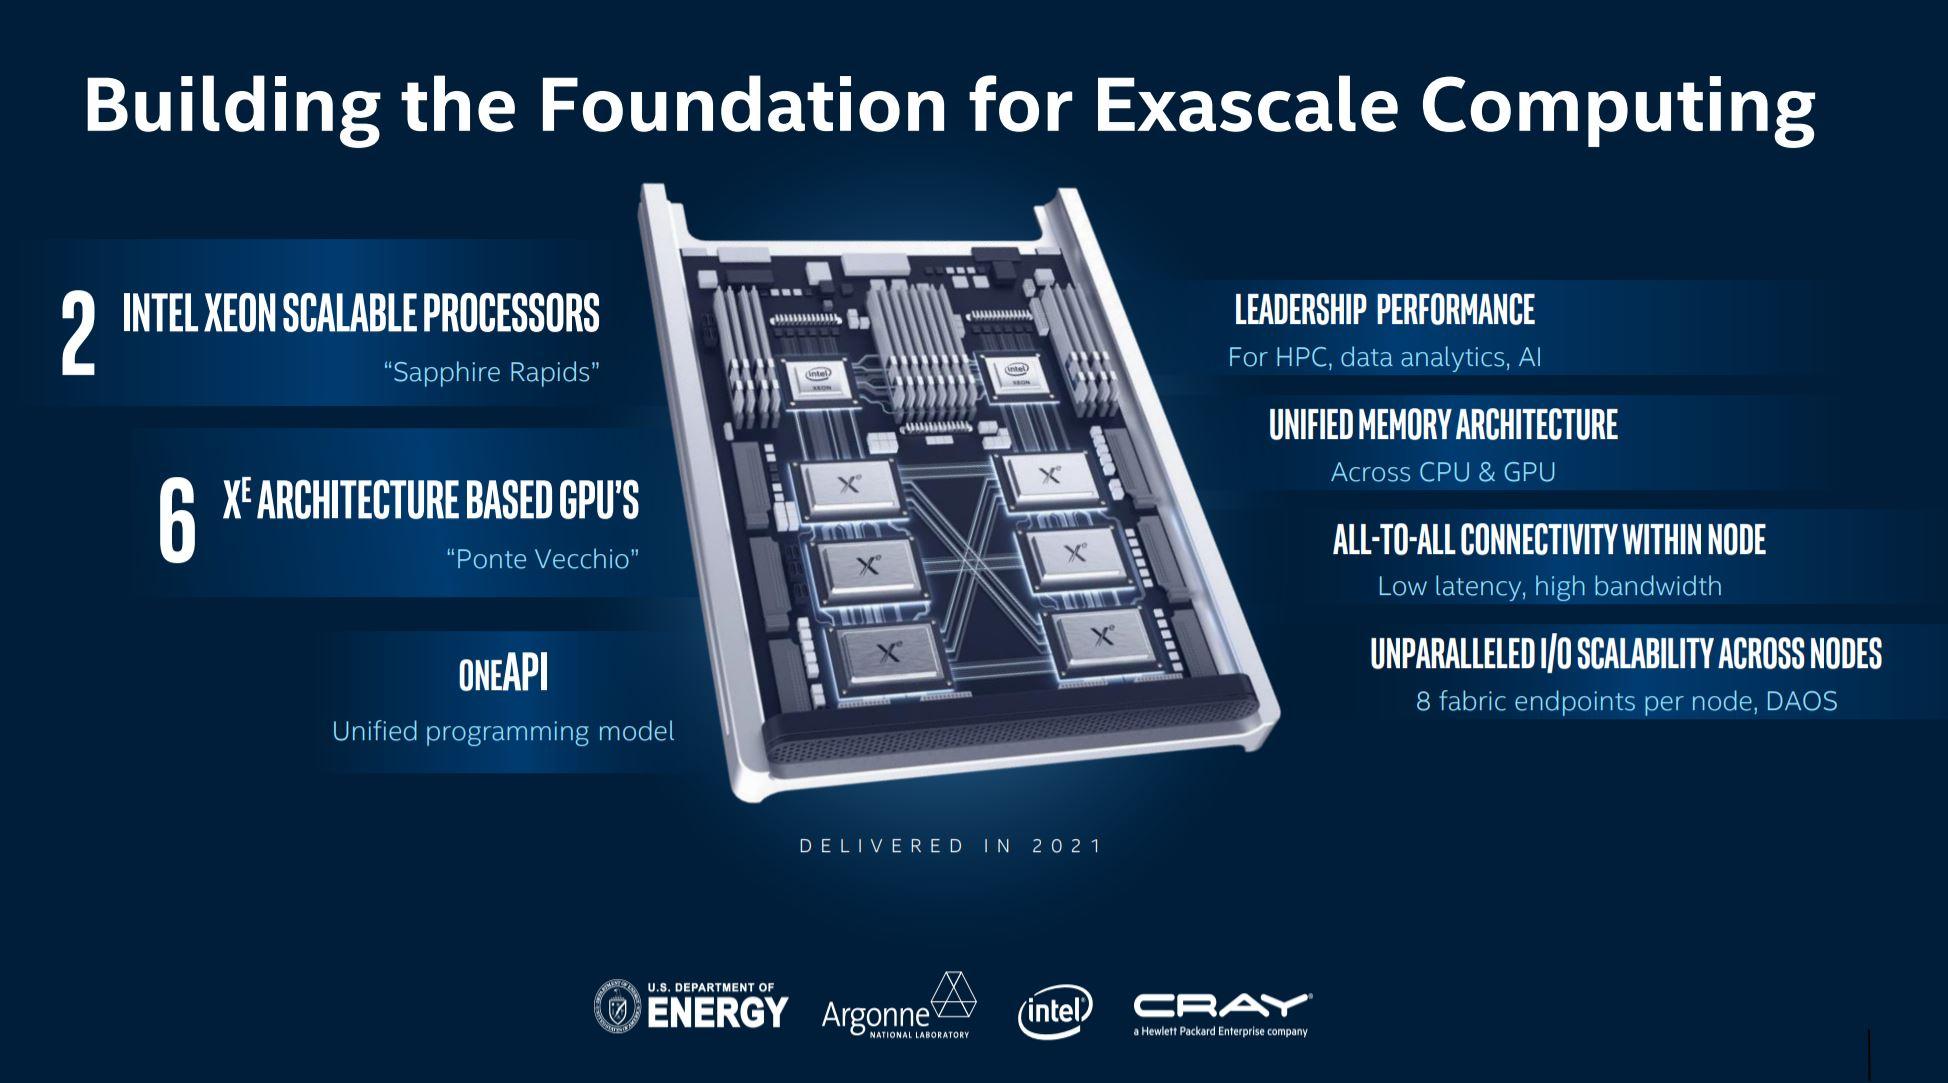 Фото серверного процессора Intel Sapphire Rapids-SP в конструктиве LGA4677 (обновлено)